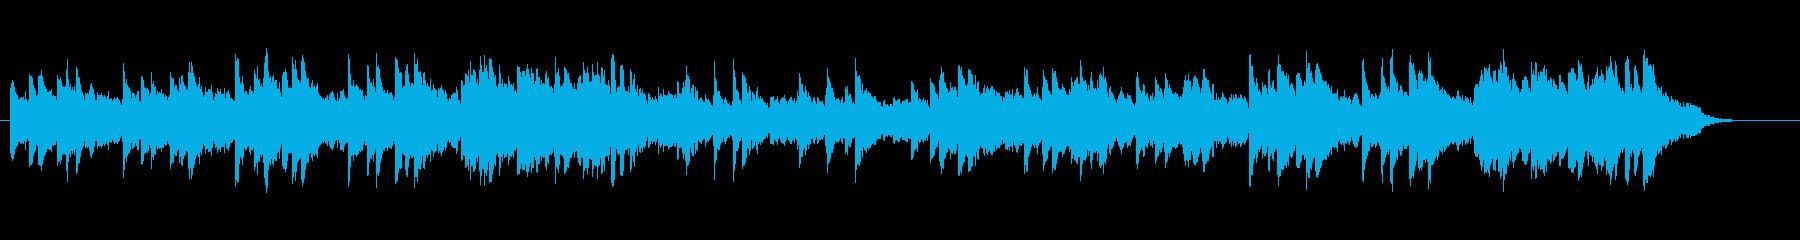 ピアノ・メロディー/ニューエイジ風の再生済みの波形